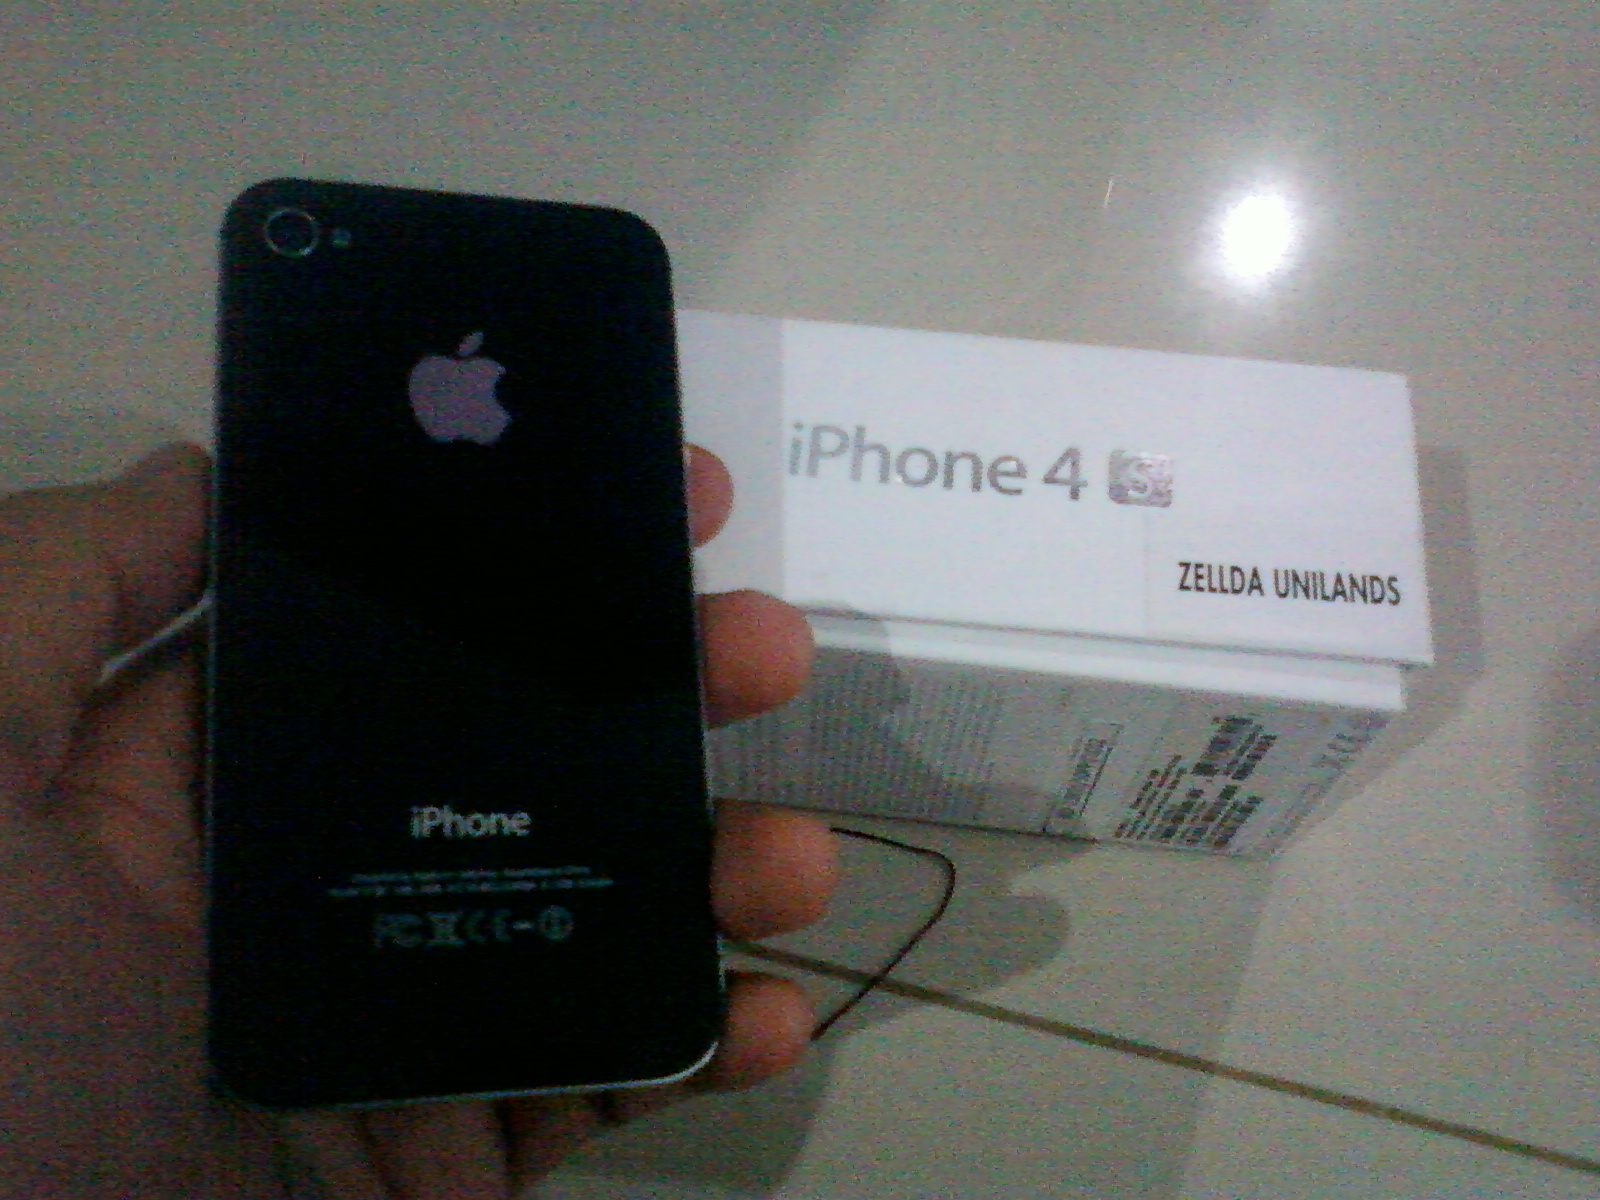 ... jual iphone kesayangan ane nie yang ane pake sehari2 oya di iphone nya